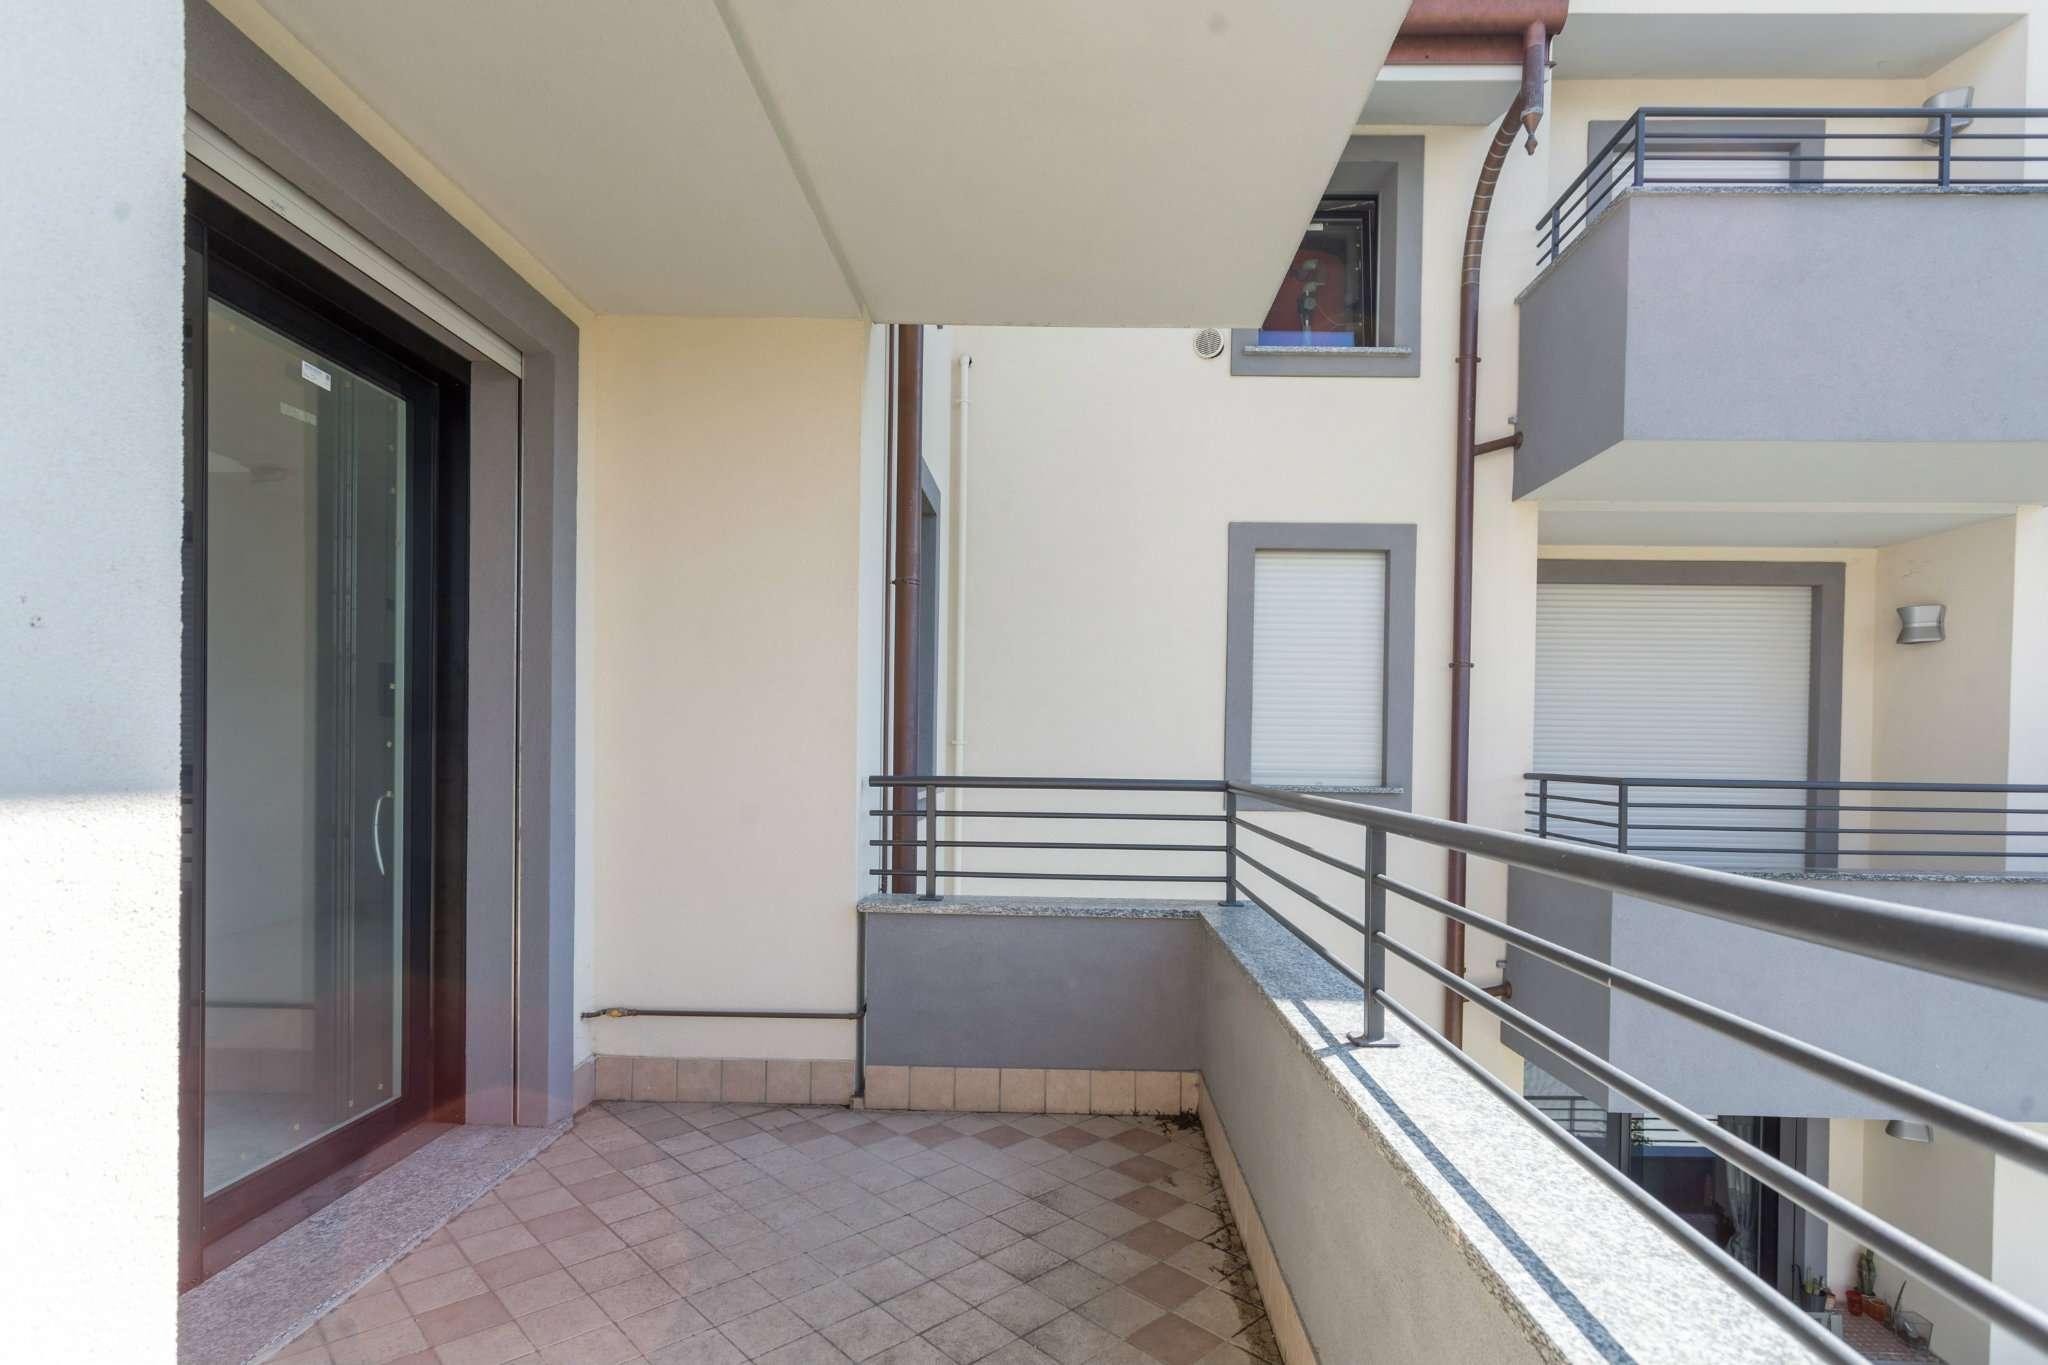 Appartamento in vendita a Cernusco sul Naviglio, 6 locali, prezzo € 625.000   CambioCasa.it